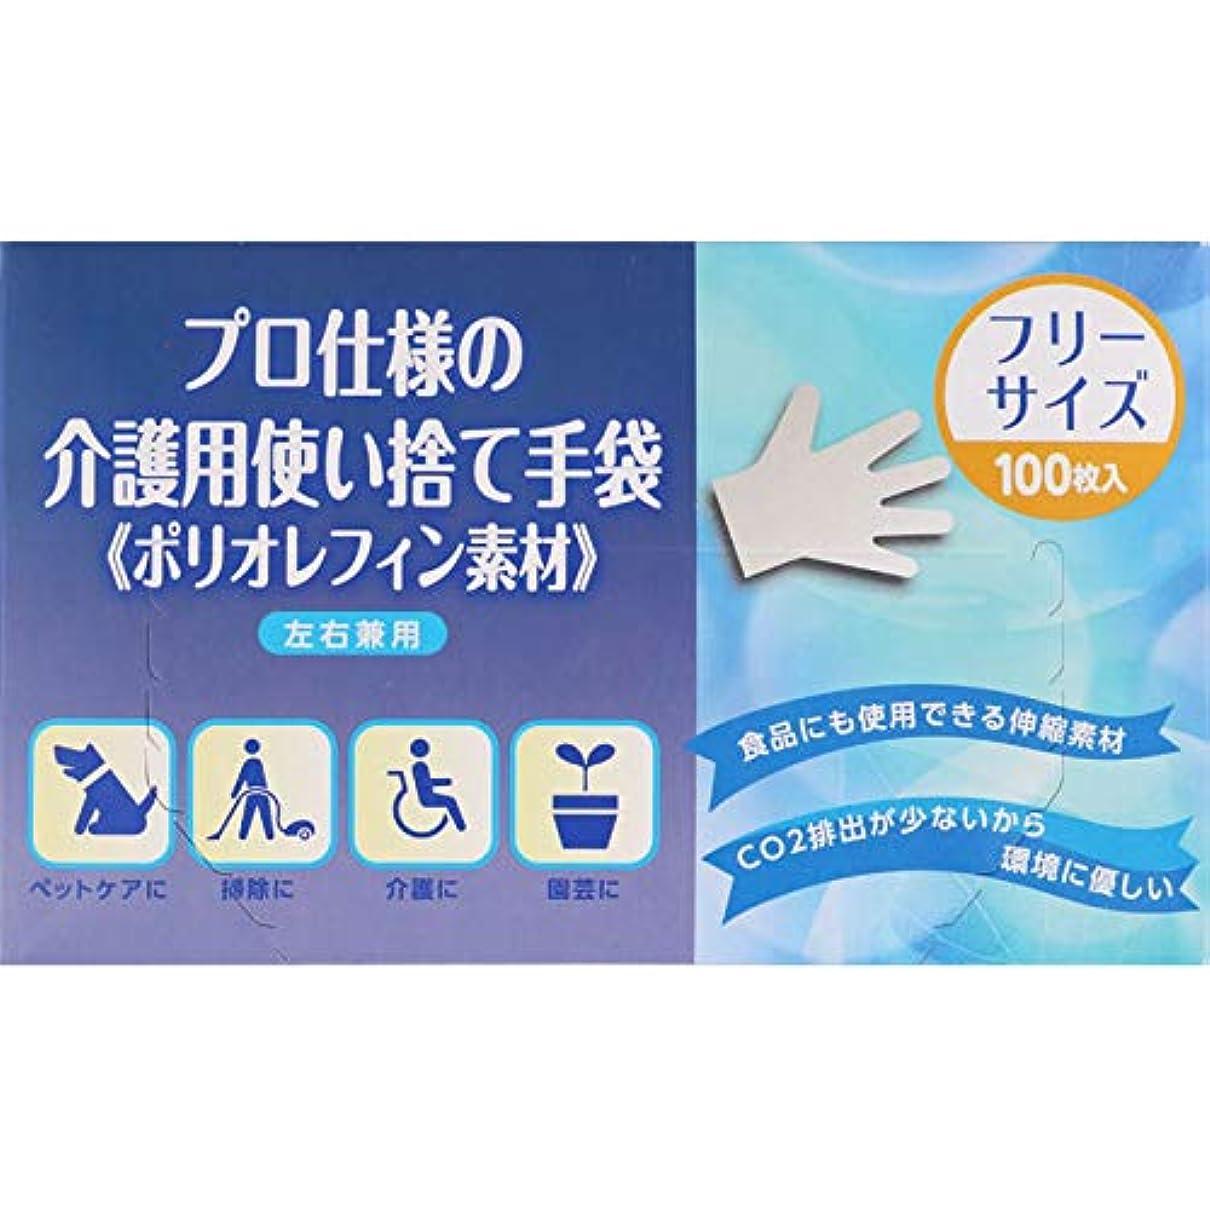 レッスンアッティカストレイ【10個セット】プロ仕様の介護用使い捨て手袋《ポリオレフィン素材》 100枚